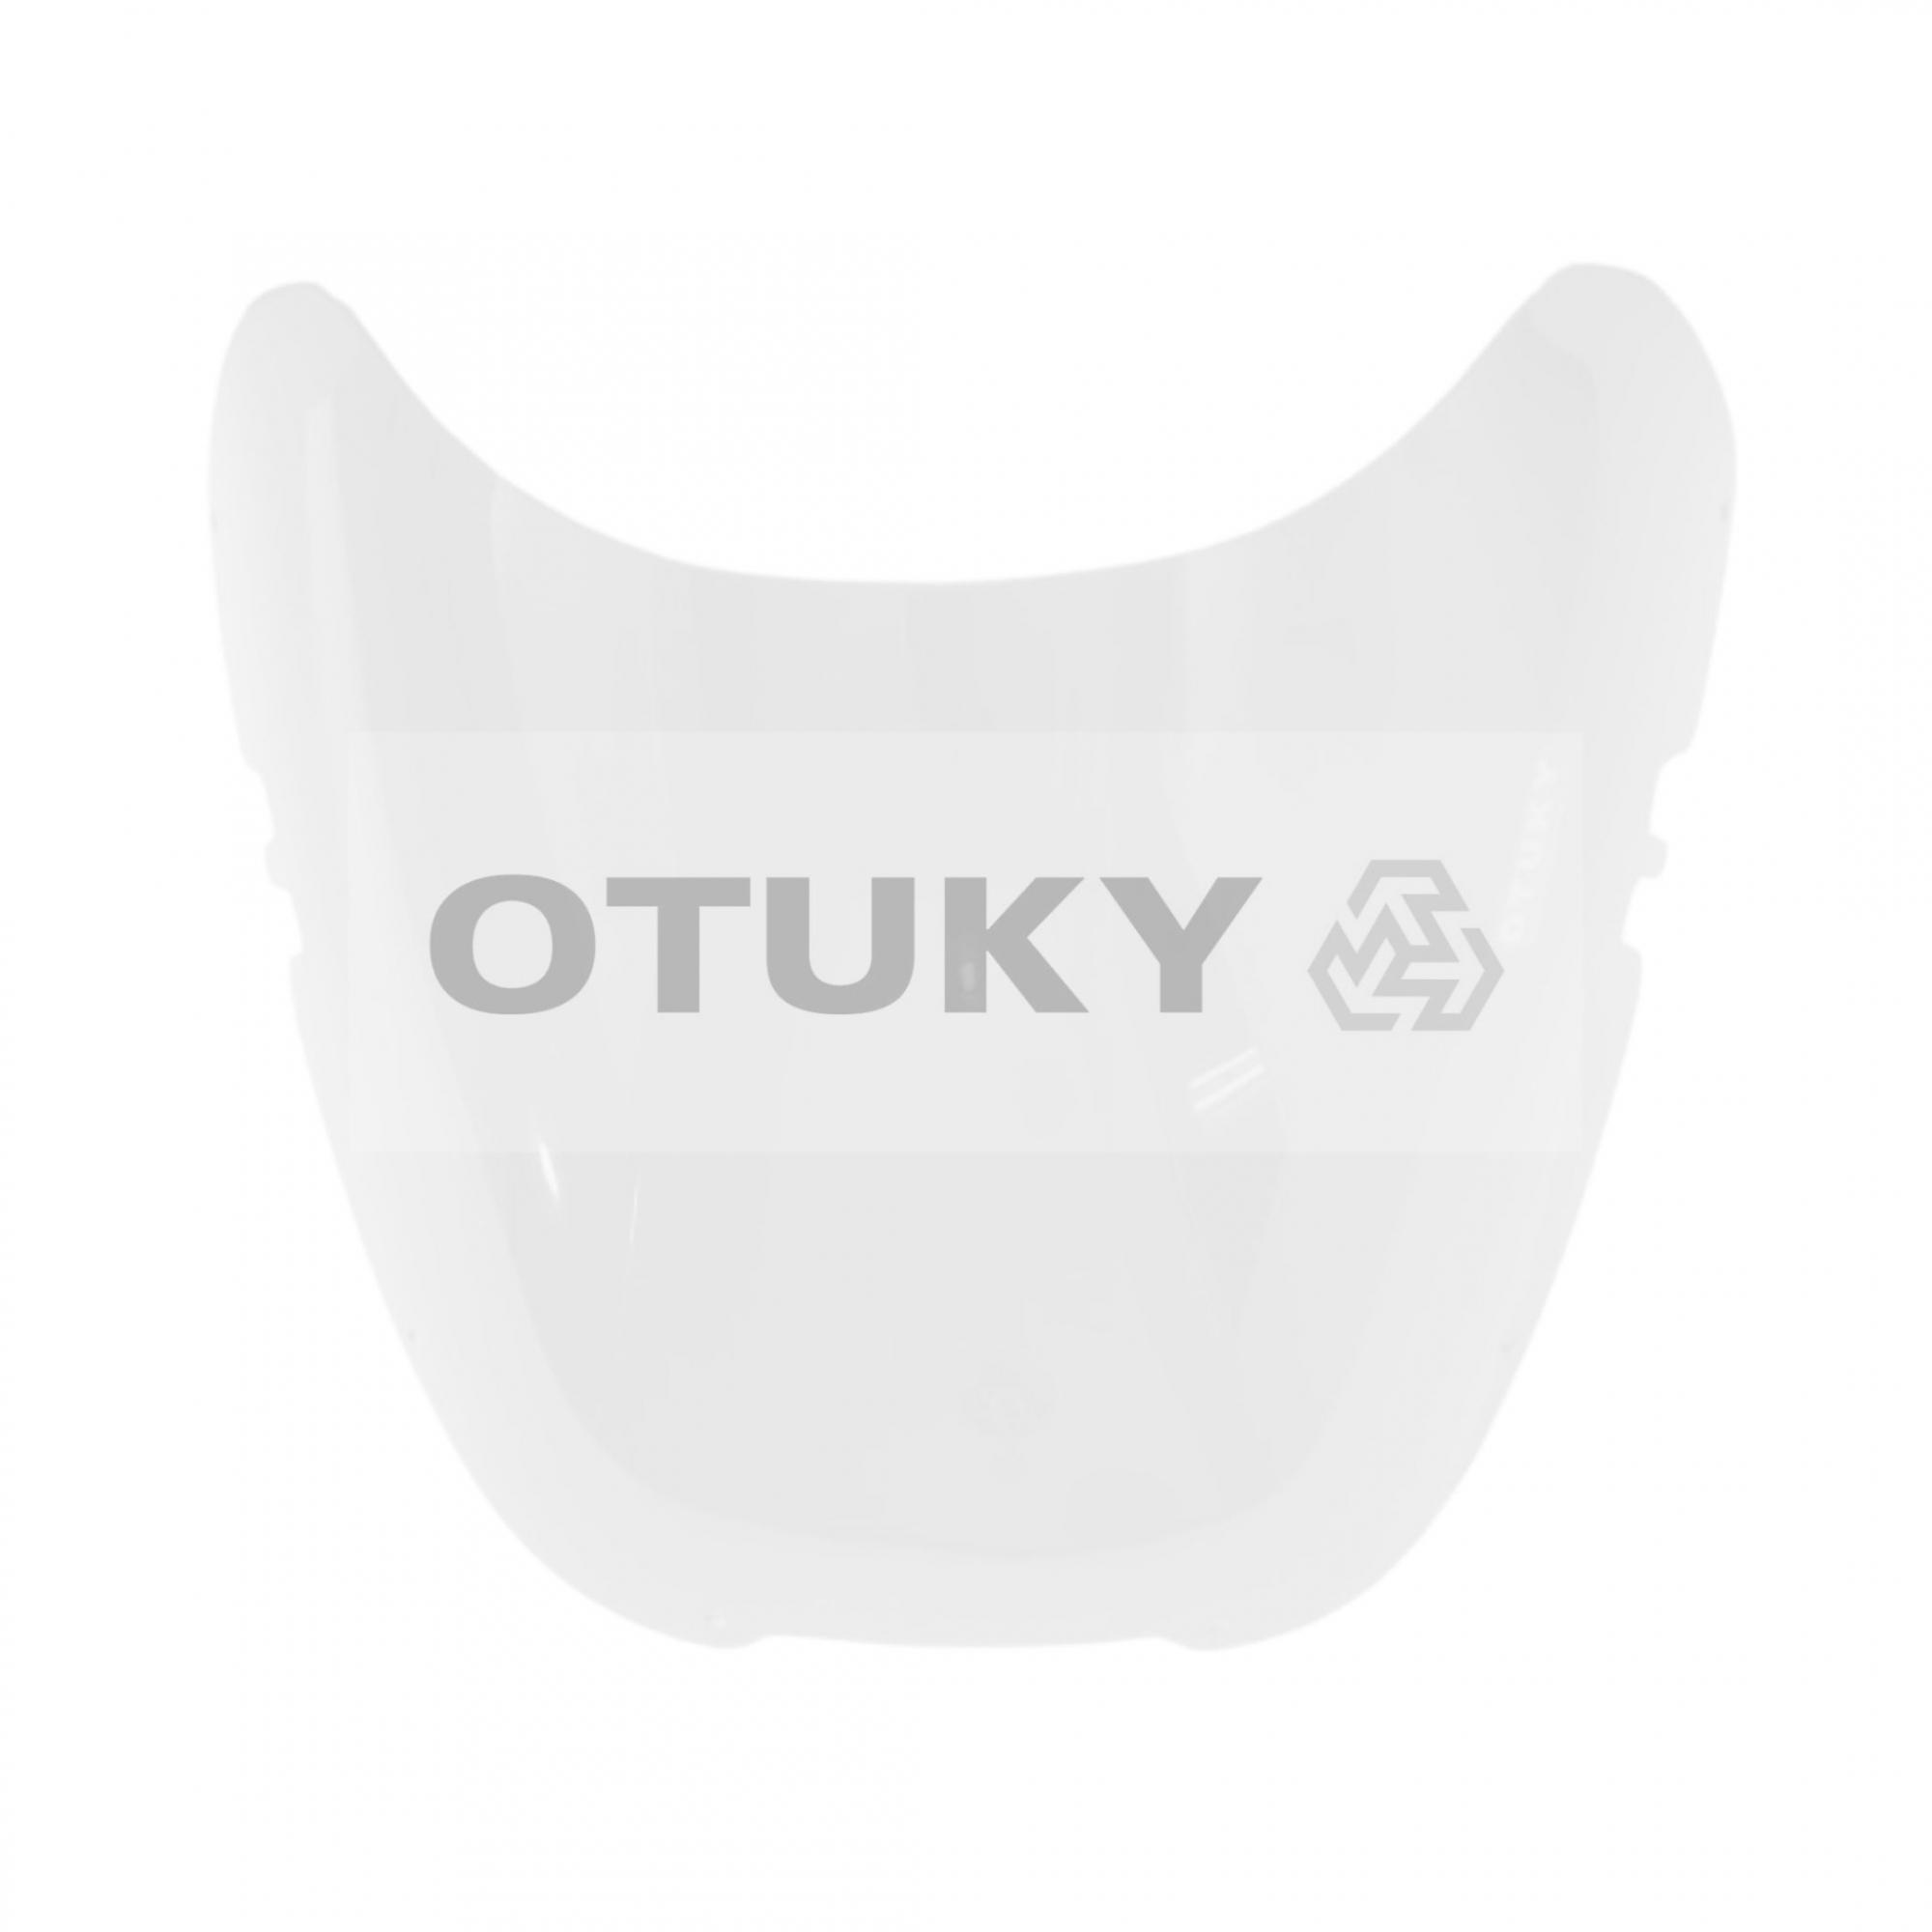 Bolha para Moto GSX 750 W 1993 Otuky